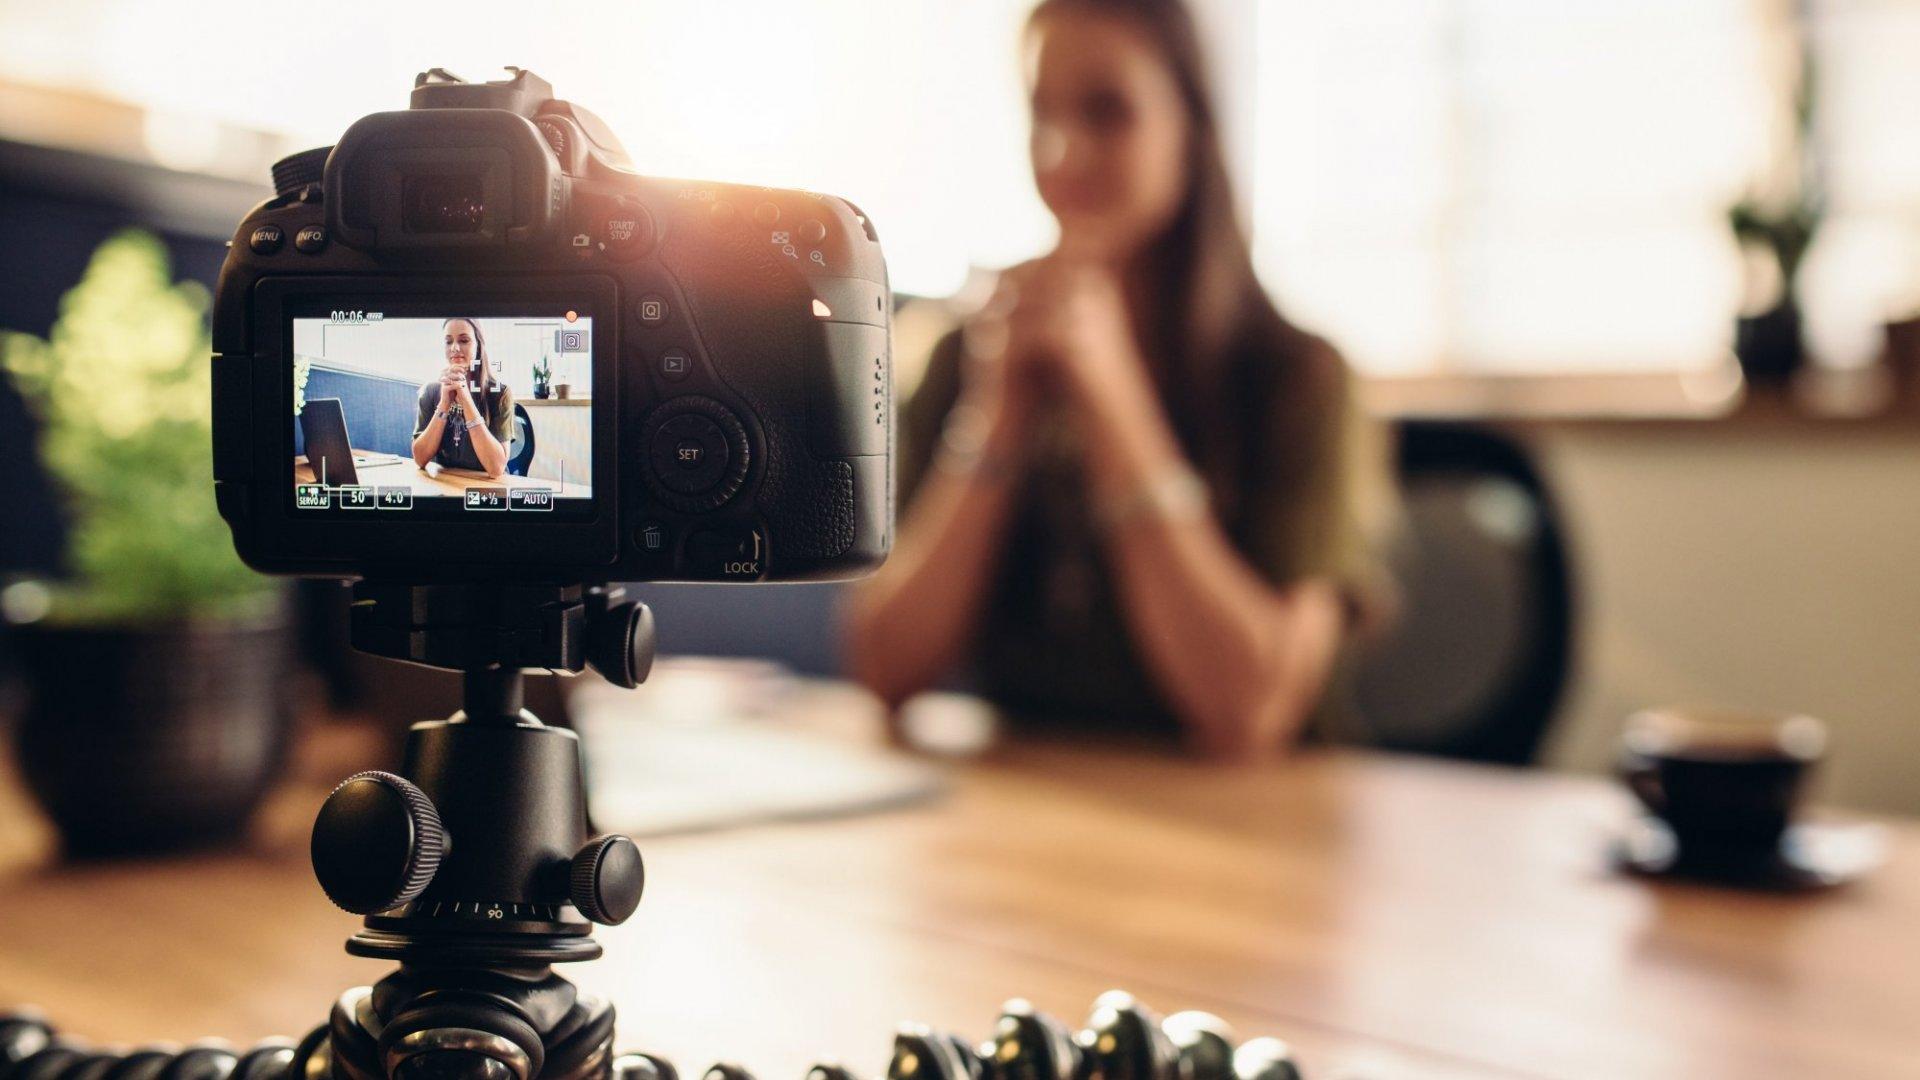 En tant que propriétaire d'entreprise avec un budget maigre, vous pouvez toujours lancer un plan de contenu de marketing vidéo impressionnant sans dépenser beaucoup d'argent. De nombreux logiciels de montage en ligne permettent en fait un accès de base gratuit. Si vous souhaitez profiter de plus de fonctionnalités, vous pouvez essayer le niveau pro ou premium. Heureusement, les prix dans ces niveaux ne cassent pas non plus la banque.